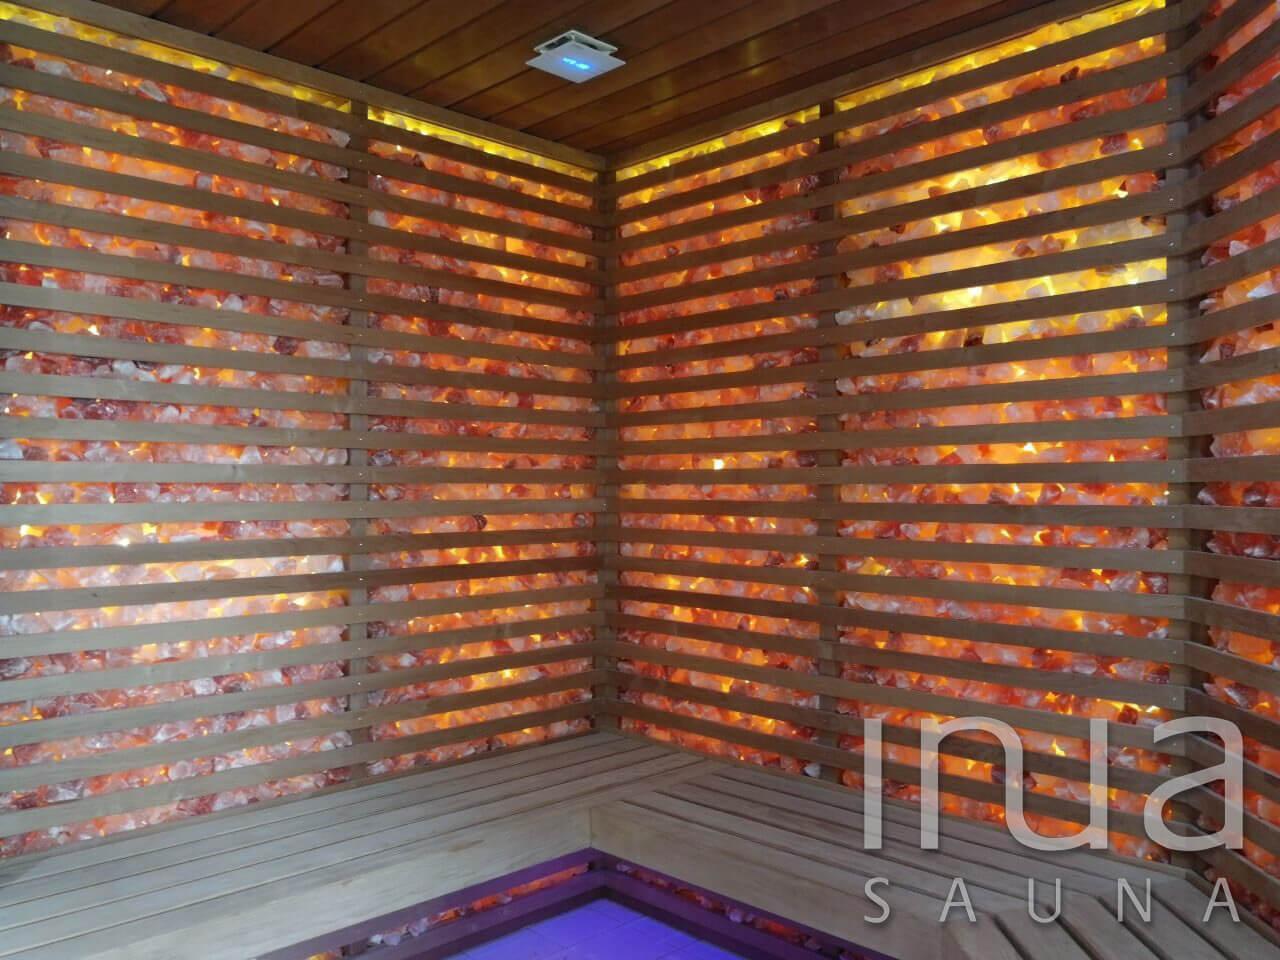 A kabinhoz himalájai tört só sziklát használtunk fel, melyet meleg fehér LED fényszalaggal világítottunk meg.